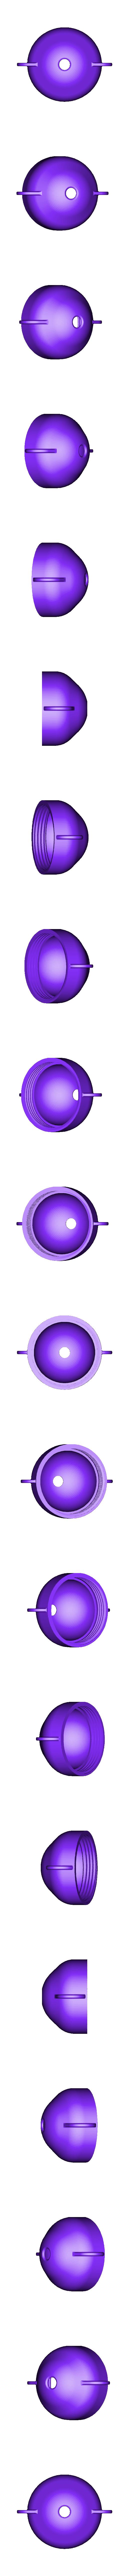 IceBallMold_Top.stl Télécharger fichier STL gratuit Moule à boule de glace • Modèle pour imprimante 3D, ernestwallon3D